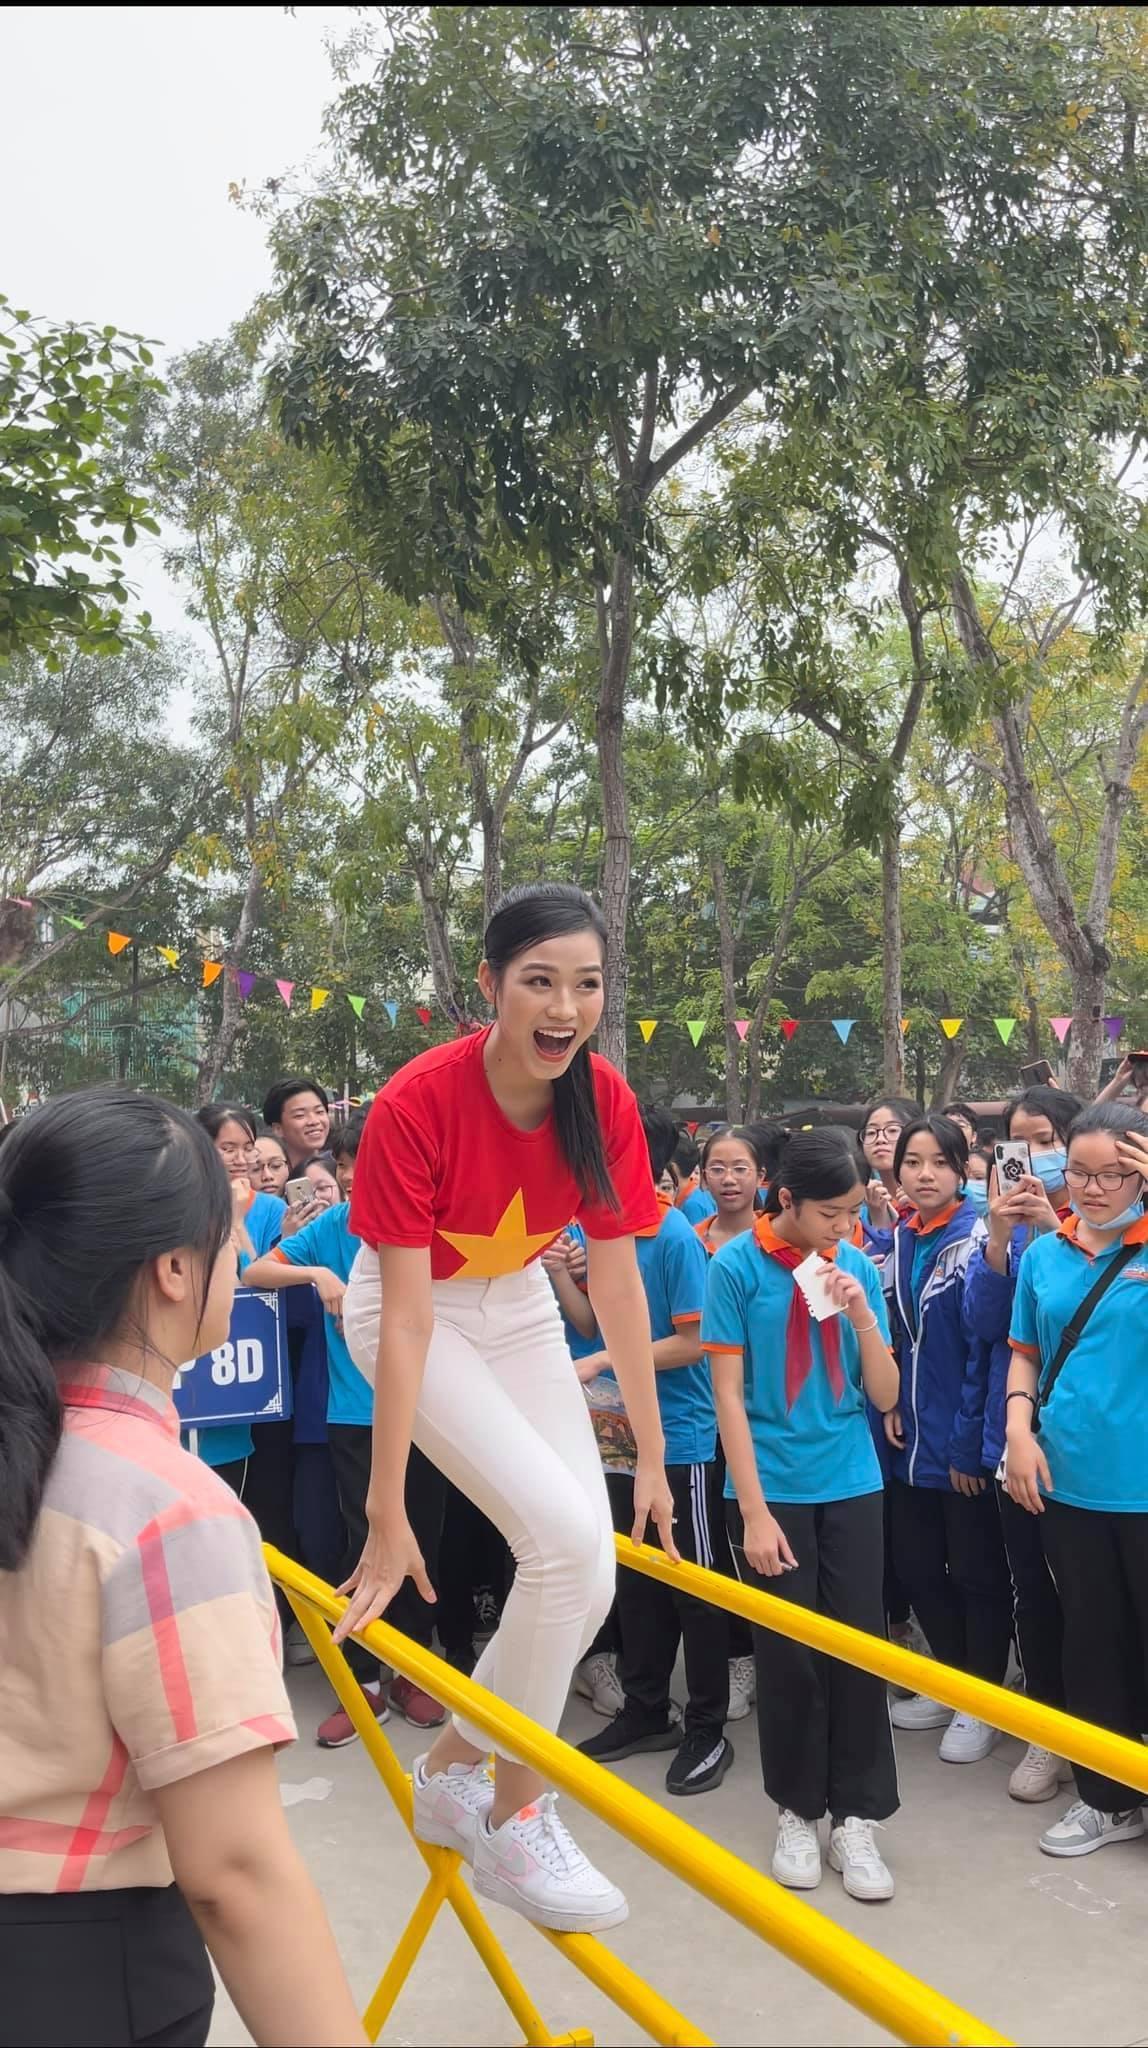 Teen chụp Hoa hậu Đỗ Thị Hà về trường giao lưu, ai nấy đều trầm trồ: 'Đẹp không góc chết!' Ảnh 7